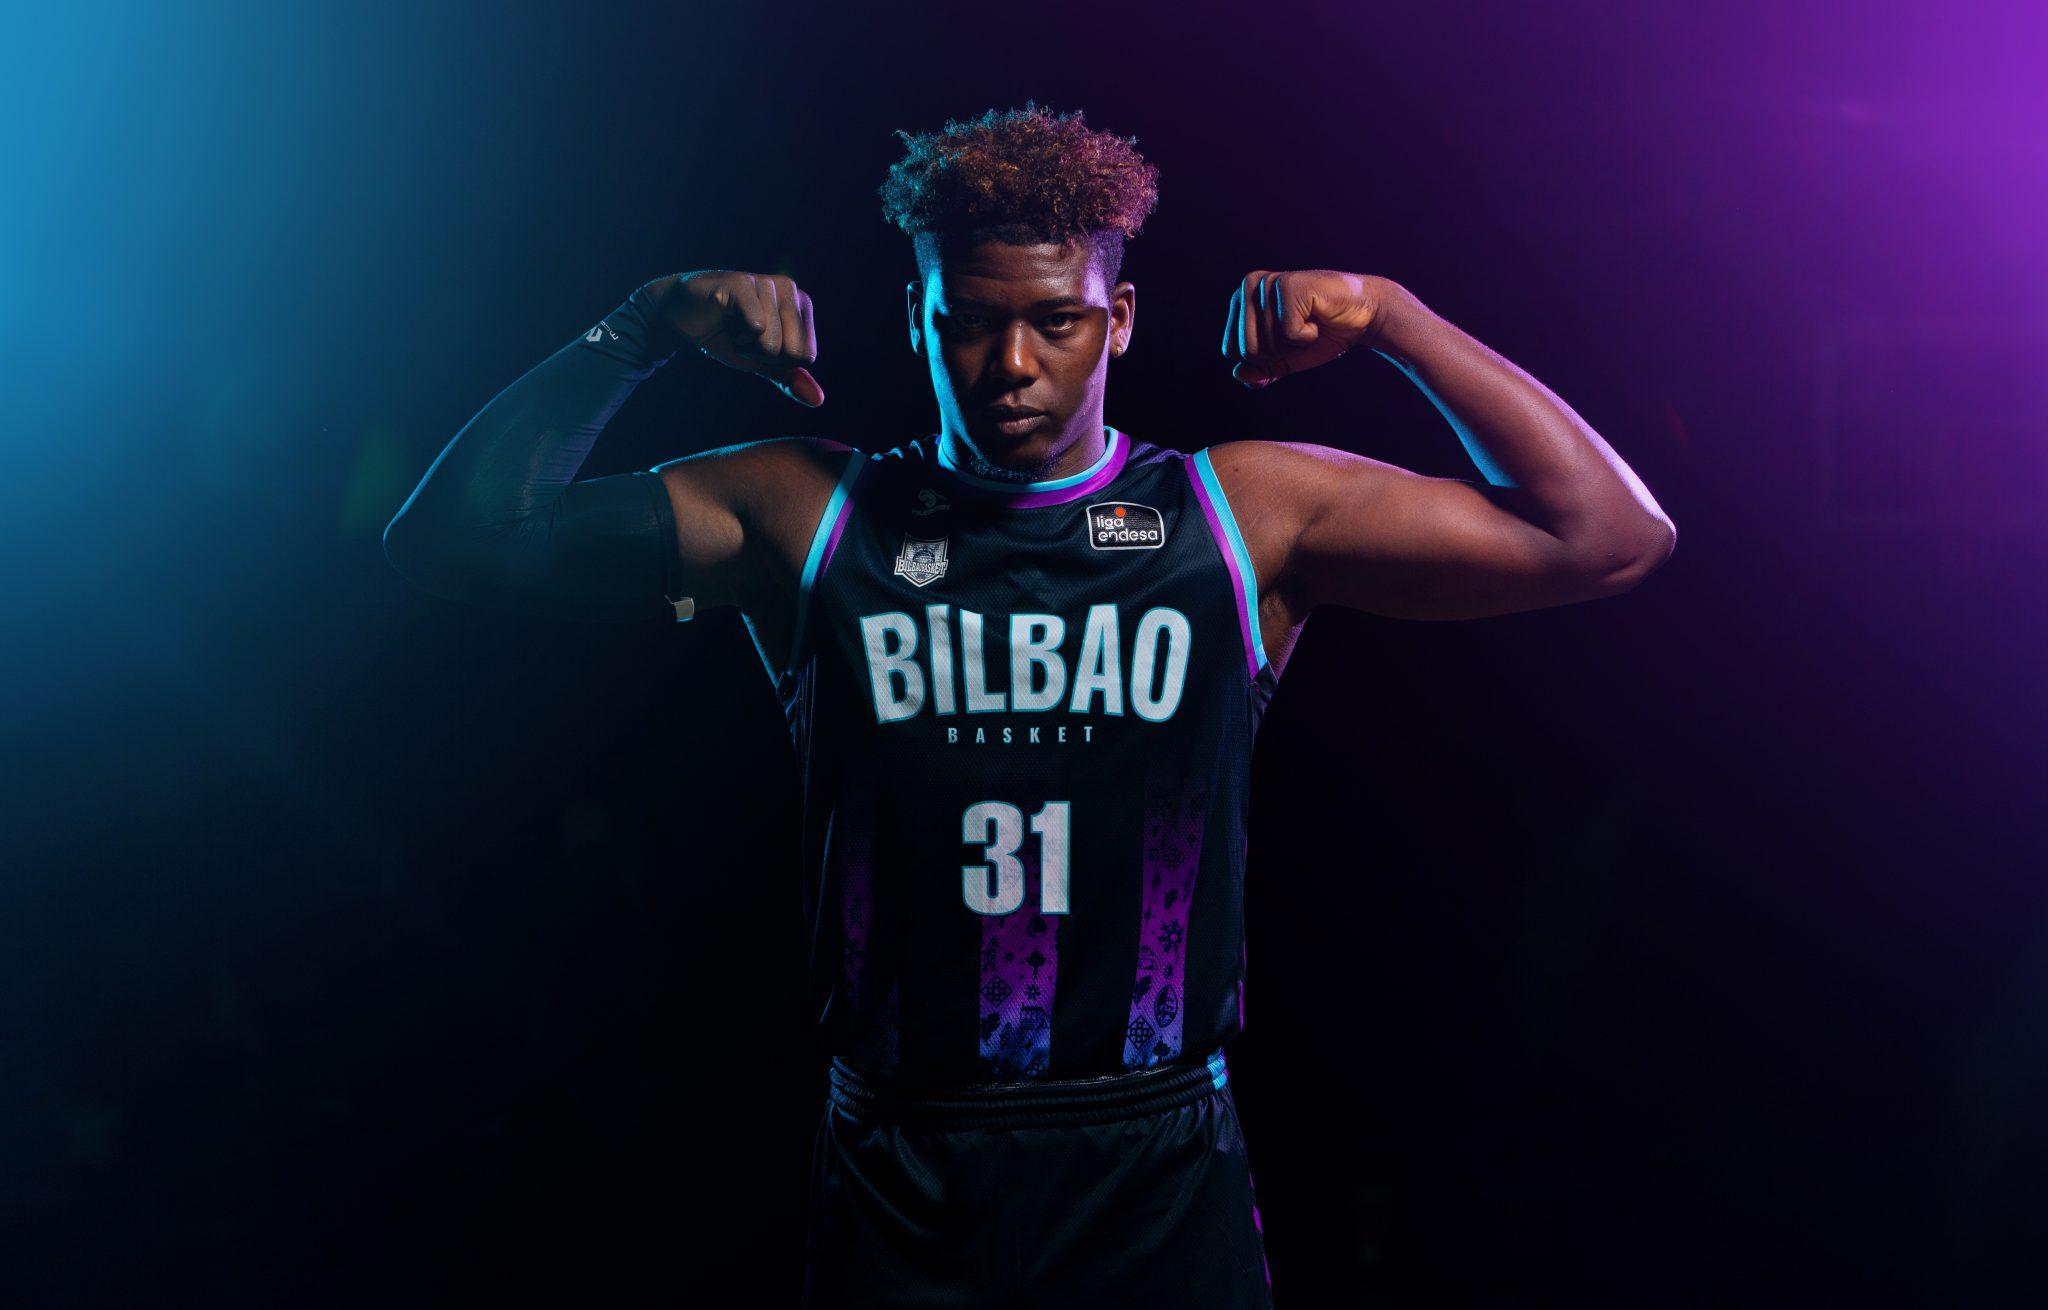 La historia de Ángel Delgado (Bilbao Basket): «Vengo de muy abajo, de donde tú no te imaginas»